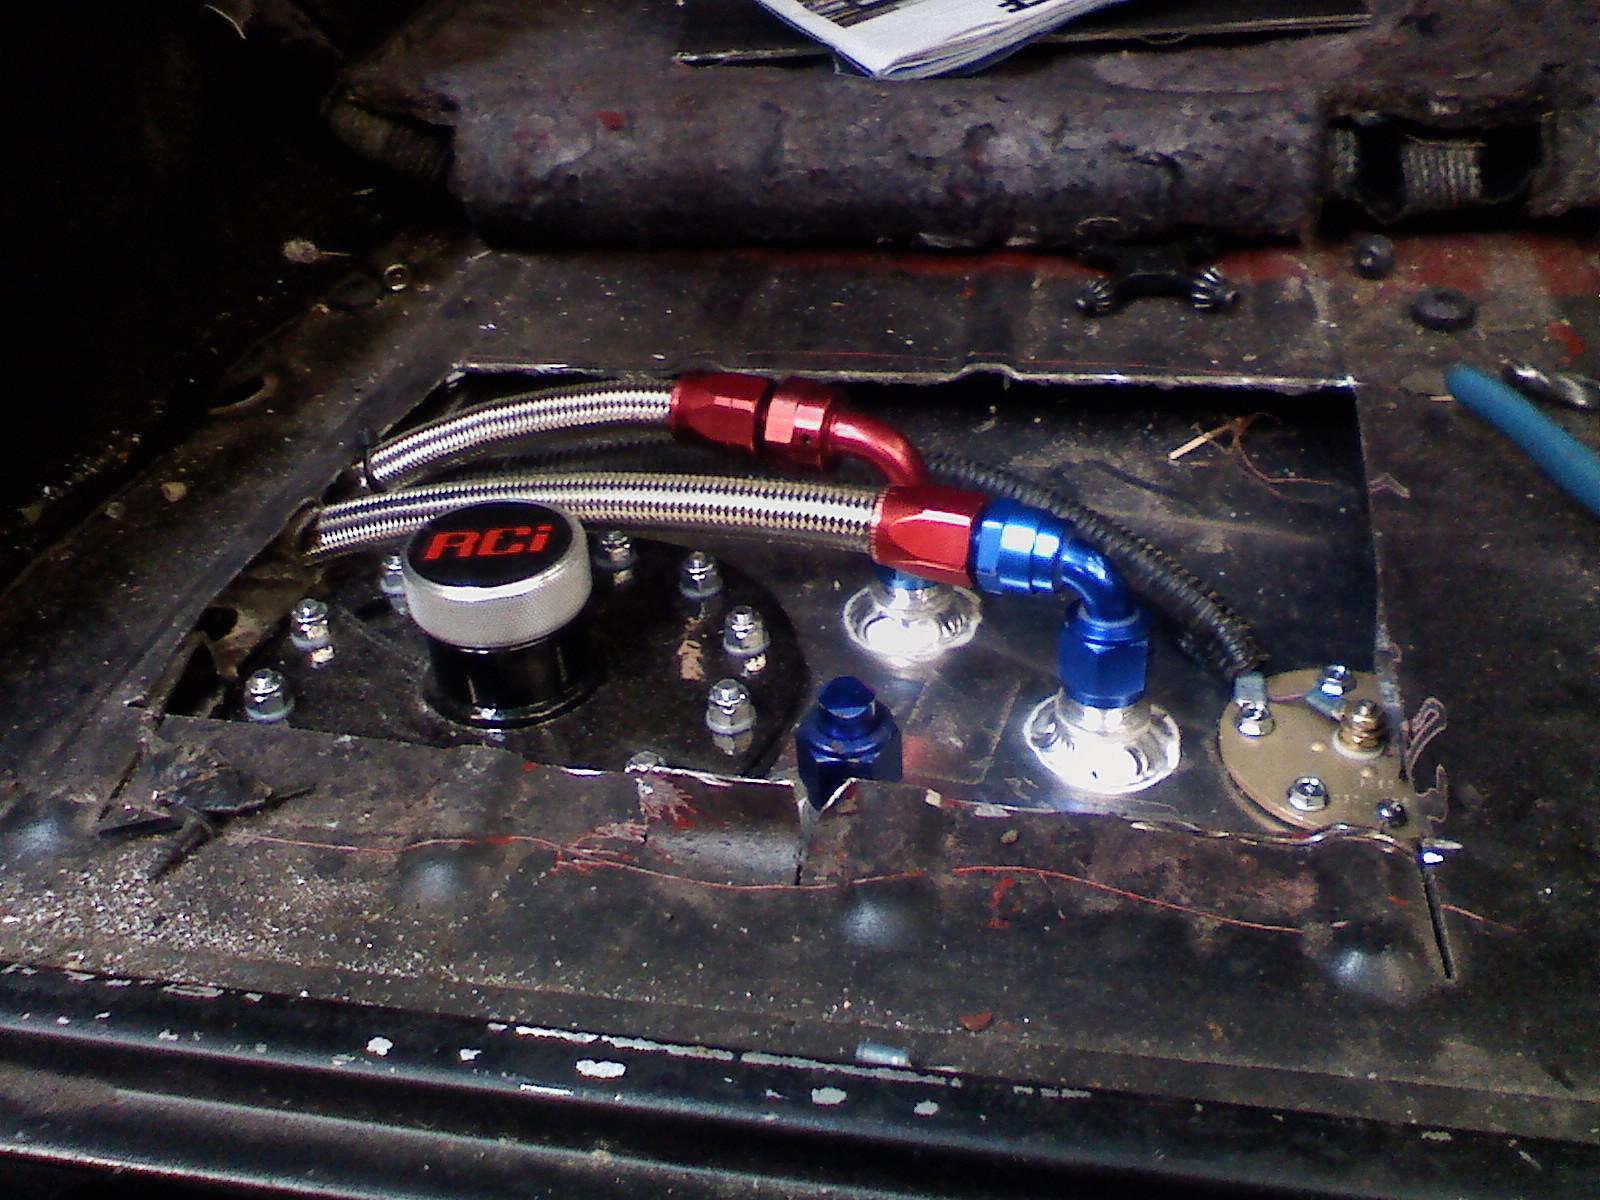 LS1 powered jeep - Page 3 - JeepForum com